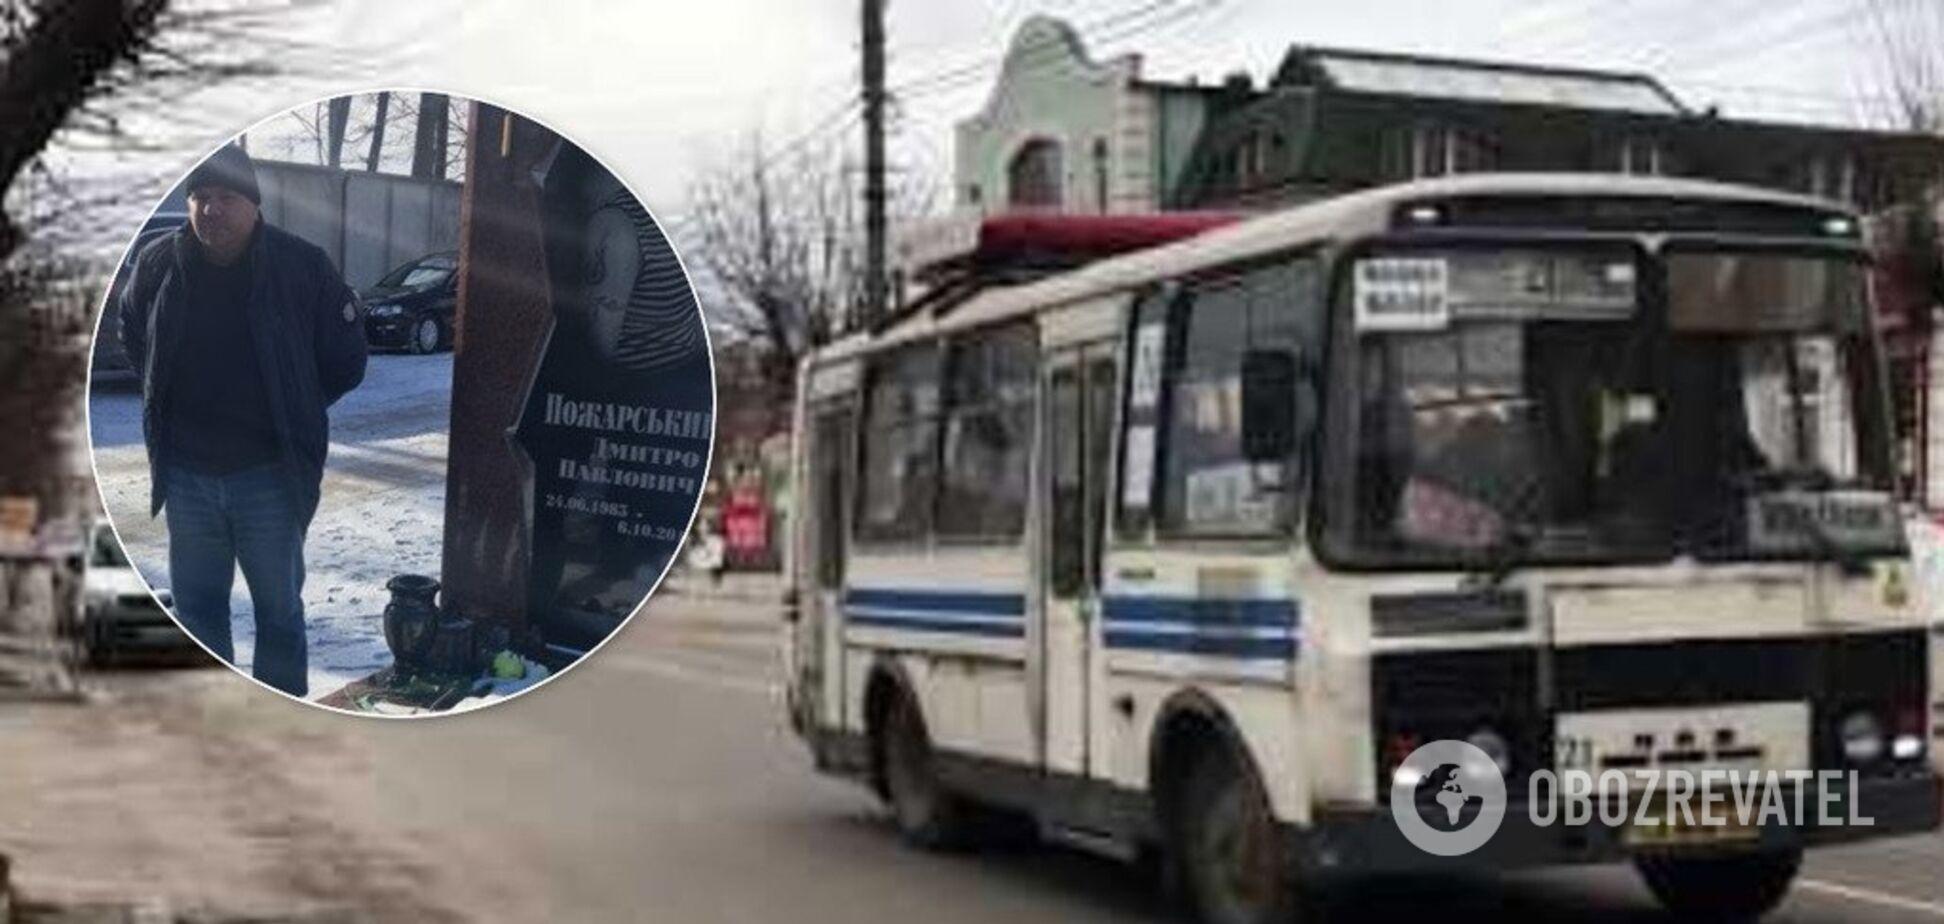 Привезли на кладбище: водитель поплатился за вопиющий инцидент с детьми погибшего АТОшника